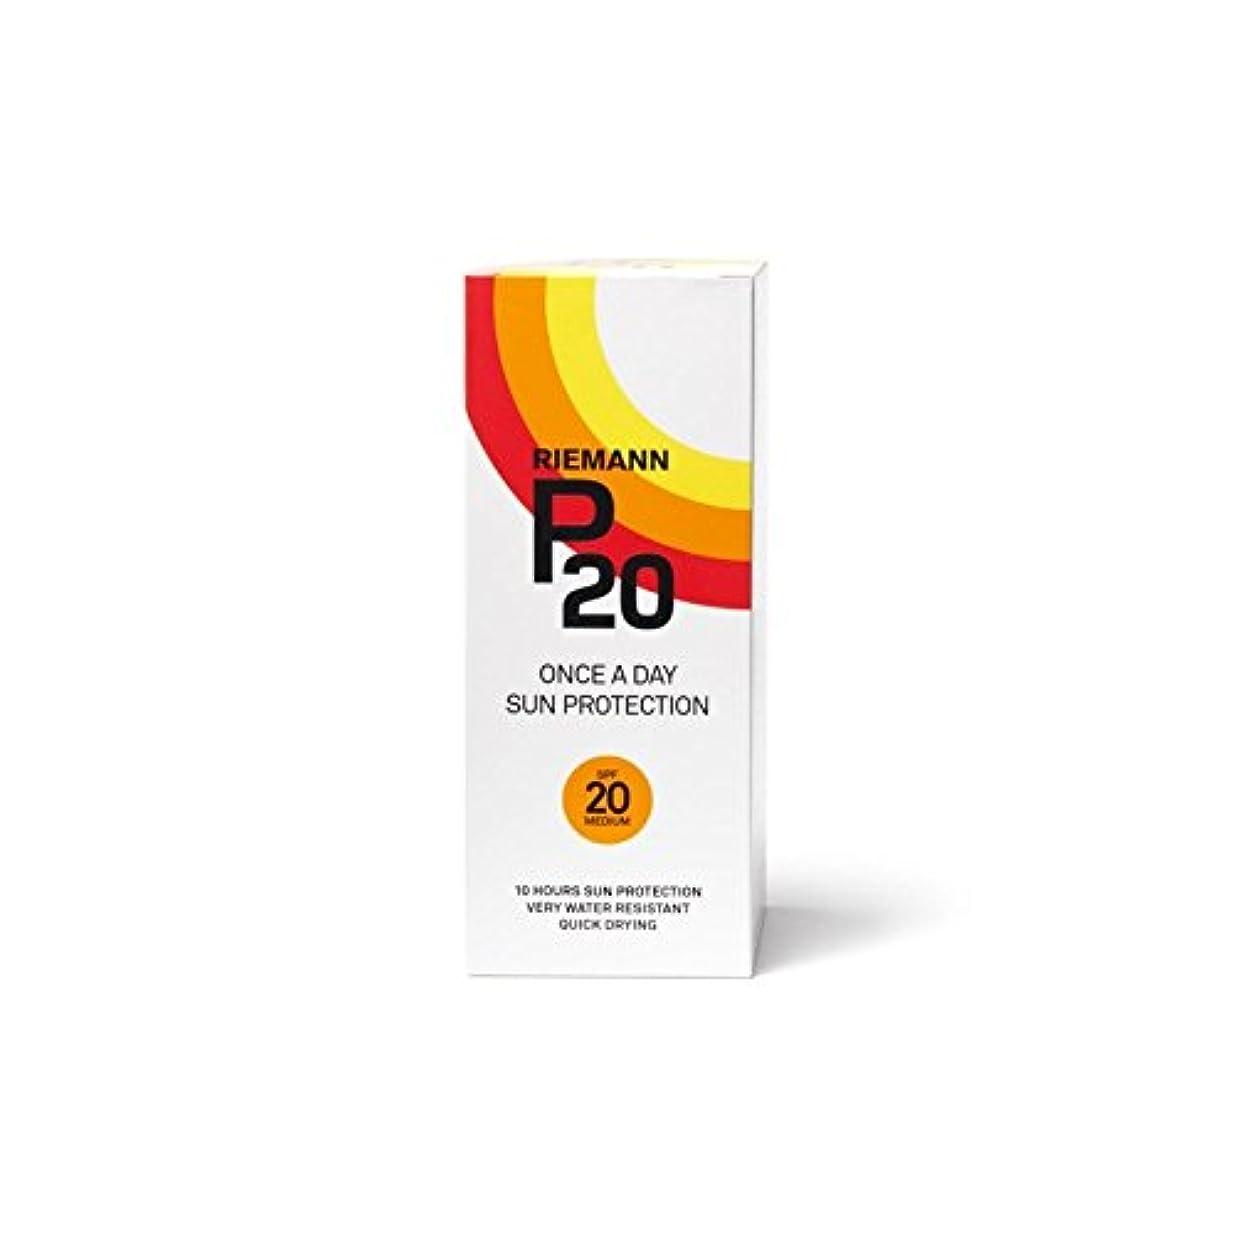 肉腫呼吸妊娠したリーマン20のサンフィルター200ミリリットル20 x4 - Riemann P20 Sun Filter 200ml SPF20 (Pack of 4) [並行輸入品]